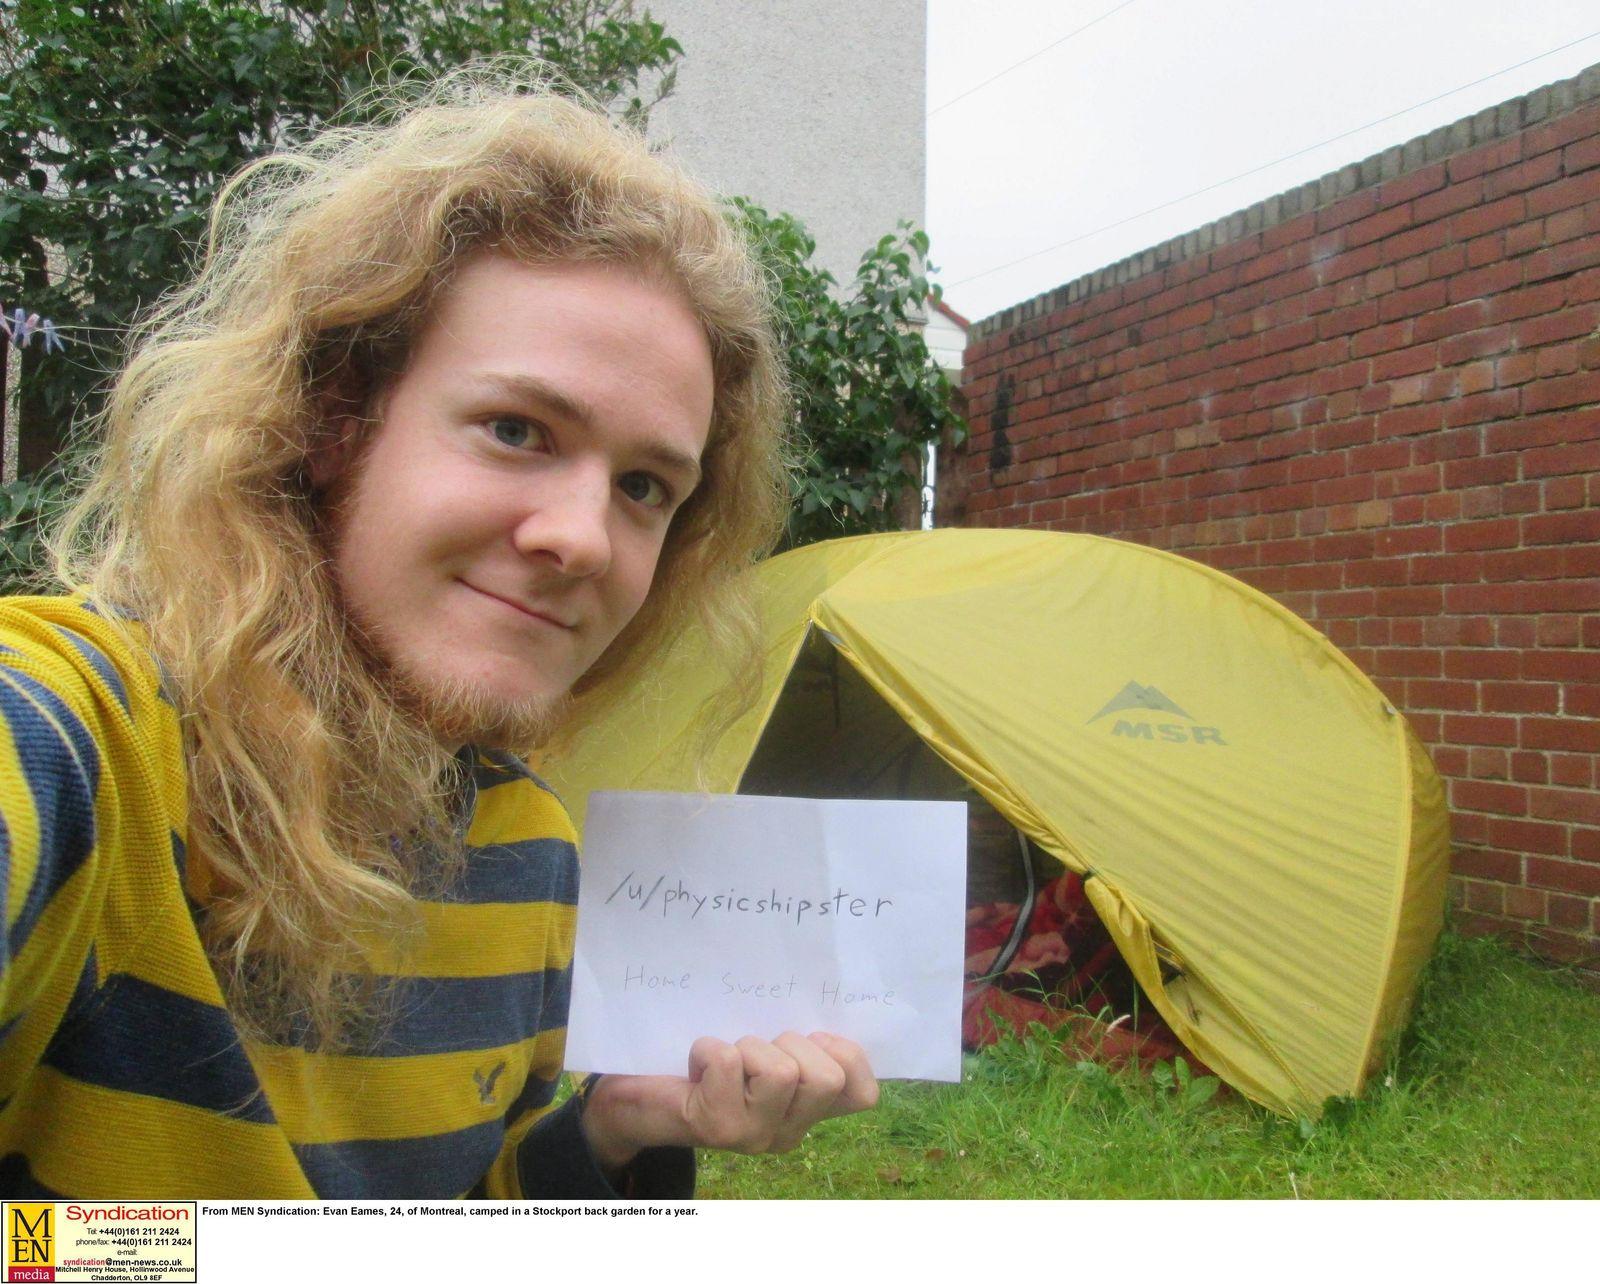 EINMALIGE VERWENDUNG Evan Eames outside tent.jpg